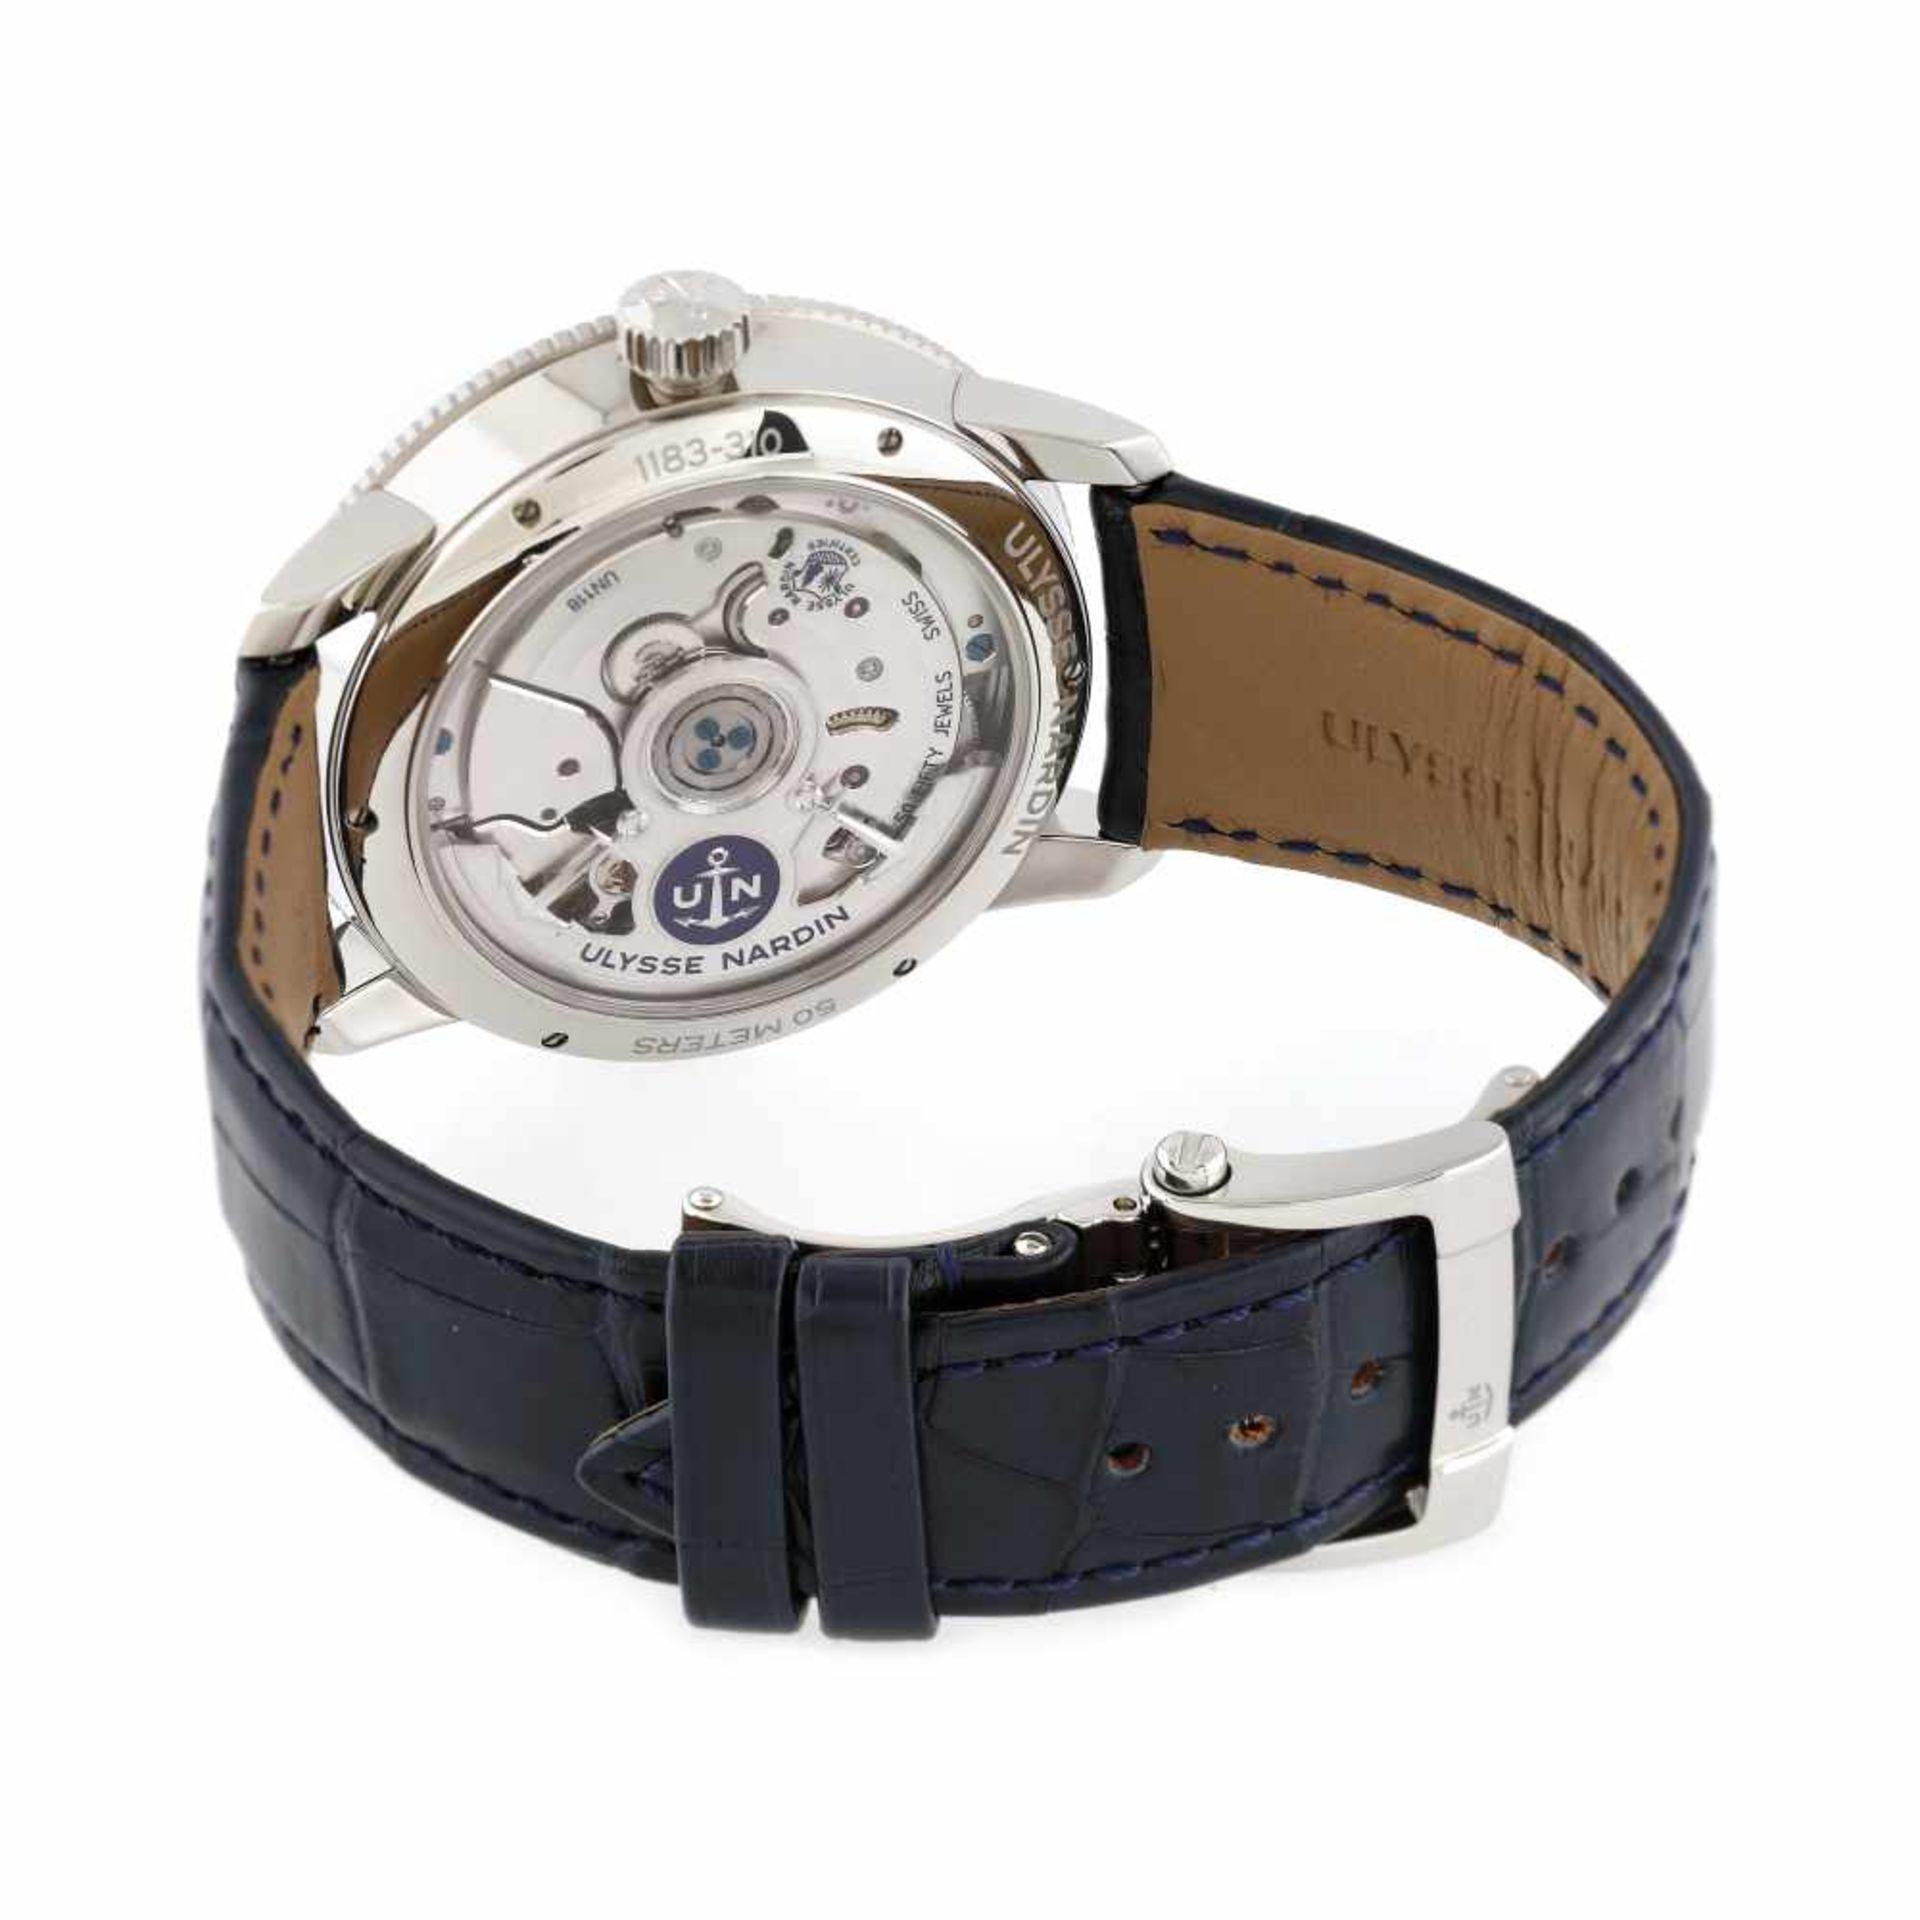 Ulysse Nardin Marine Torpilleur wristwatch, men, original box and authenticity documents - Bild 3 aus 5